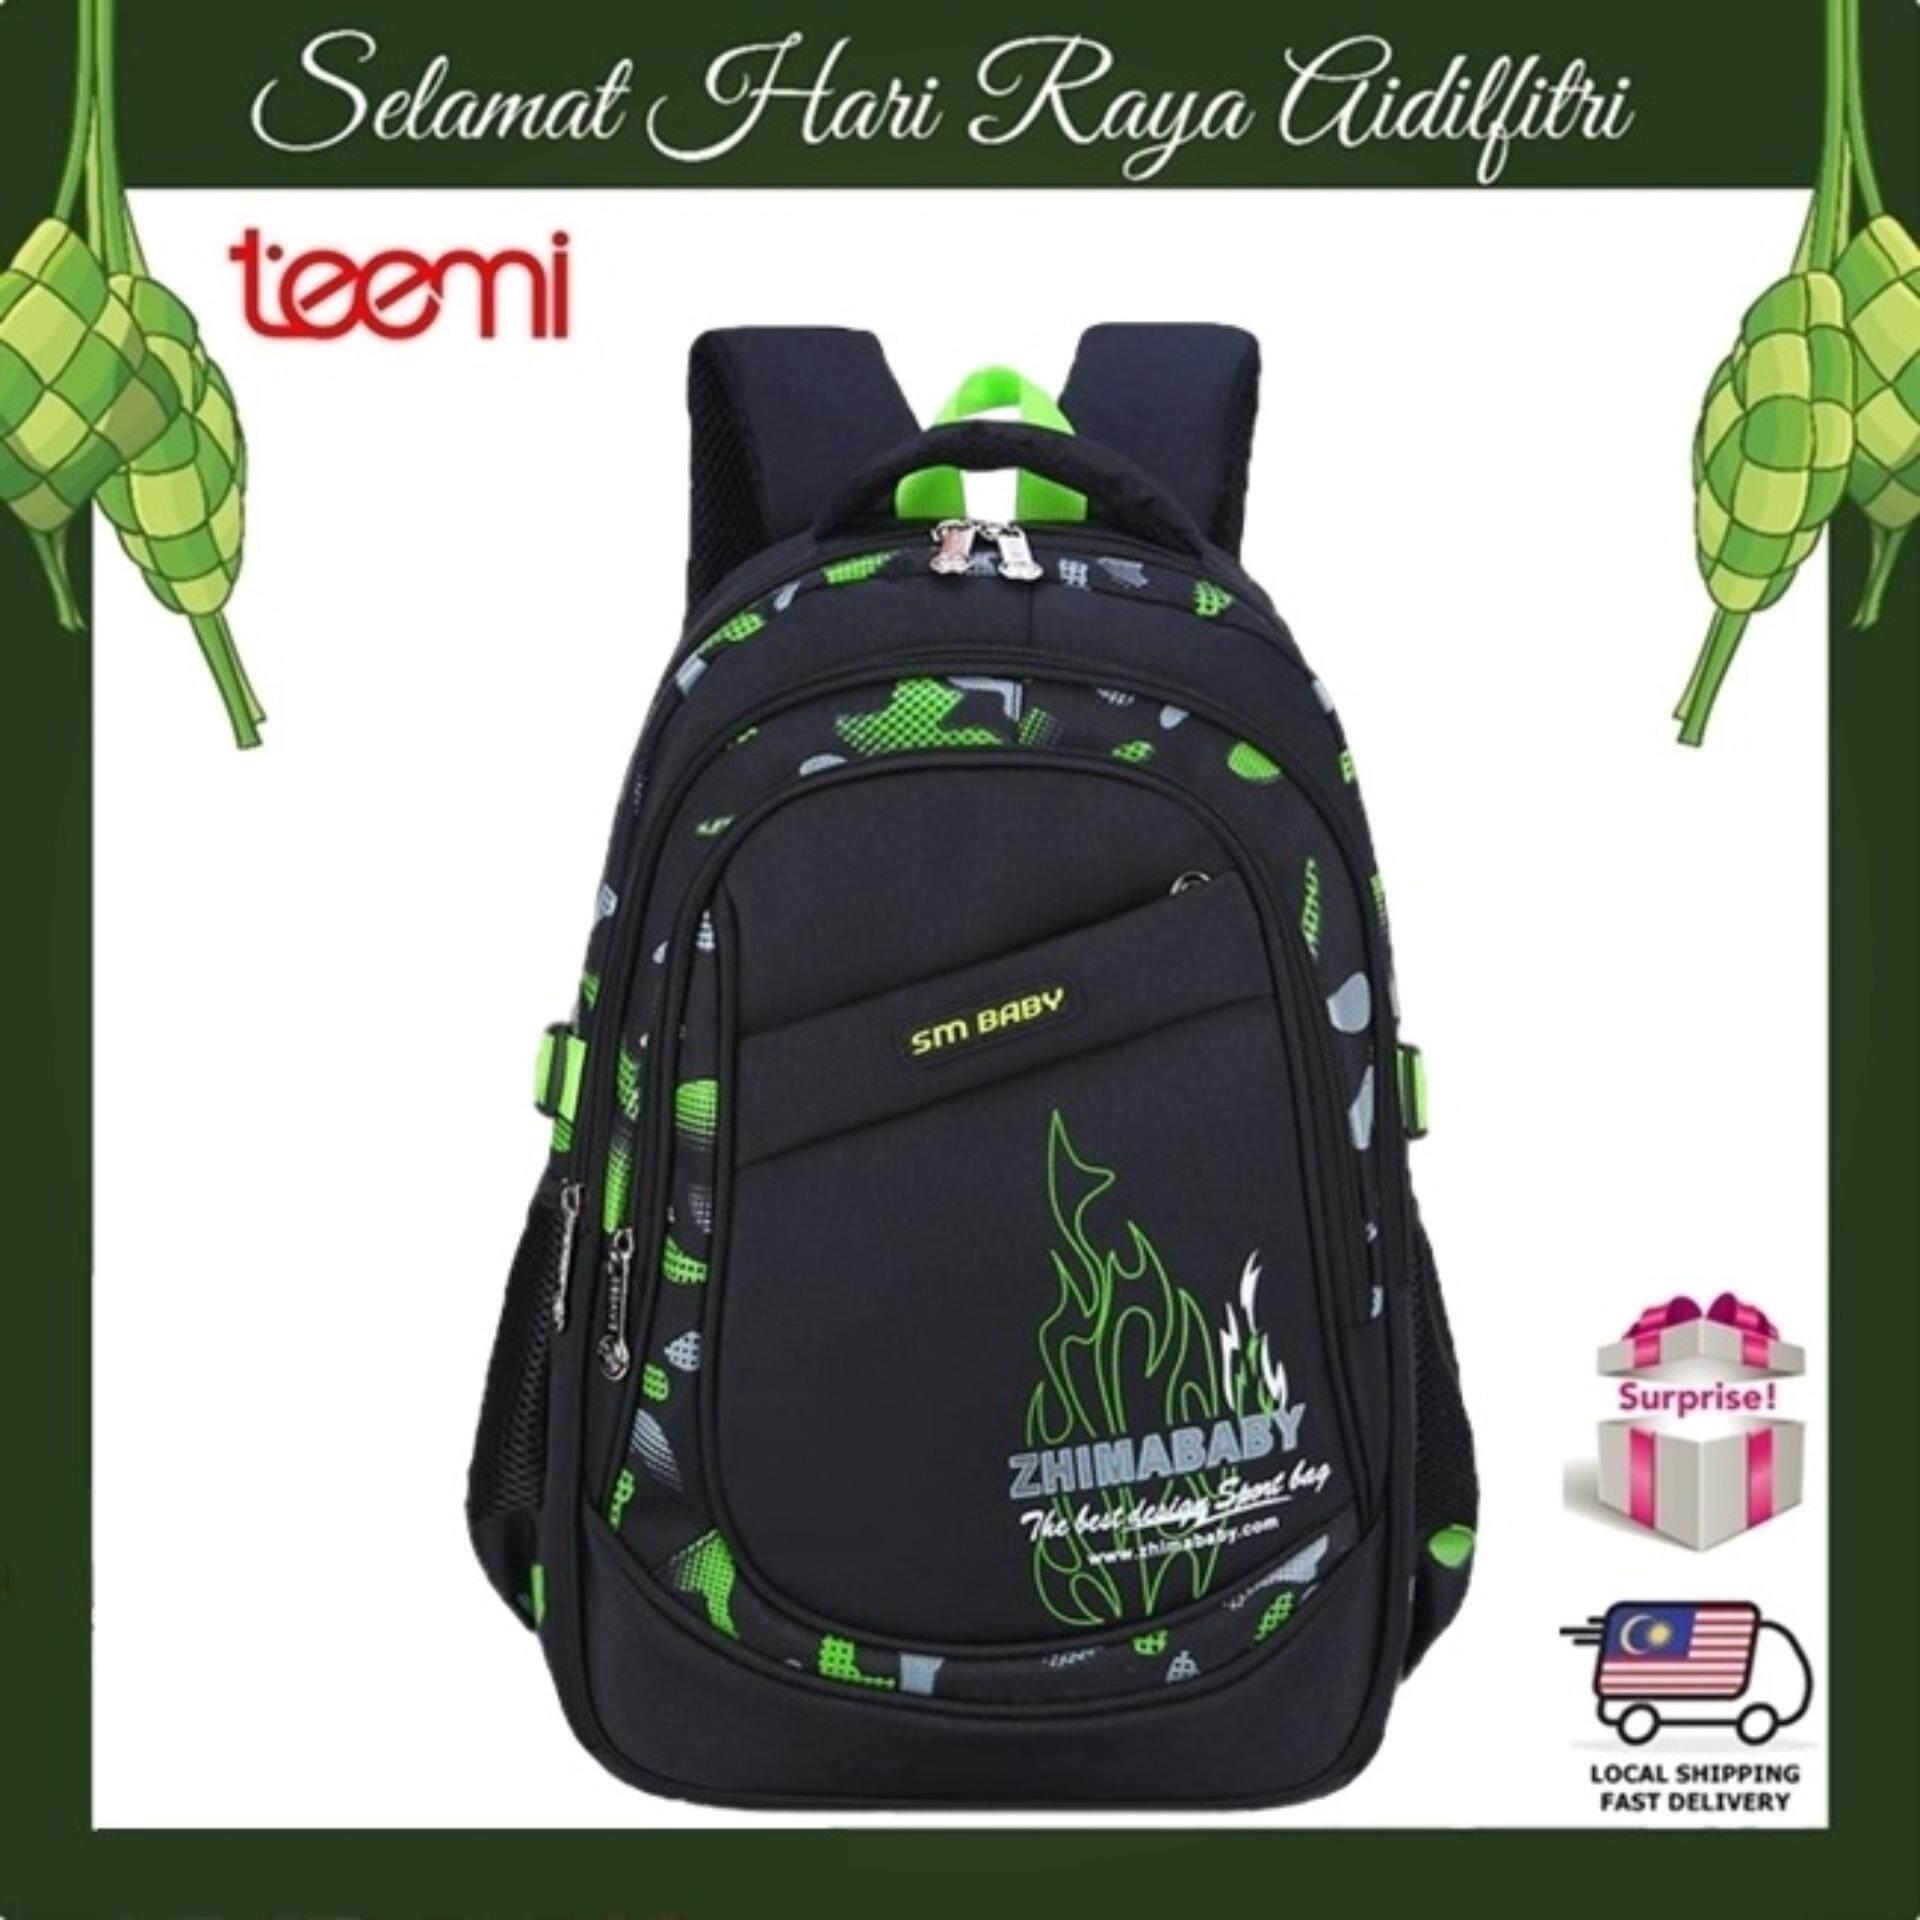 TEEMI Neon Framed Primary Secondary Nylon Water Resistant Orthopedic School Bag Kids Children Backpack - Green